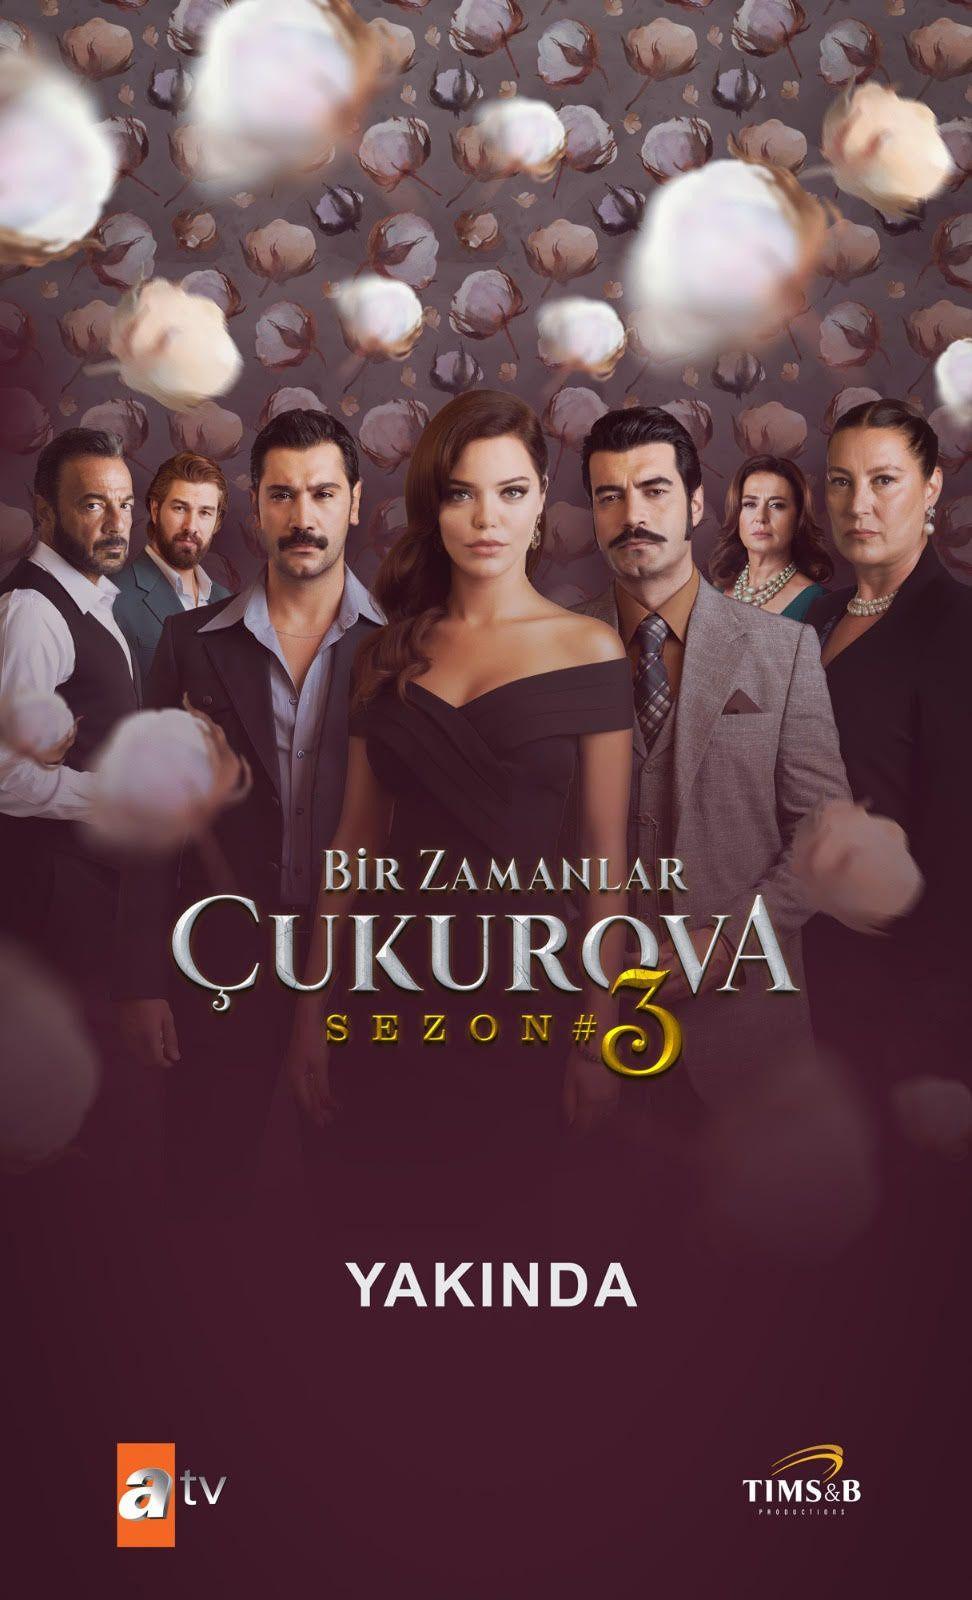 Bir Zamanlar Çukurova 3. sezon tarihi açıklandı! - Sayfa:3